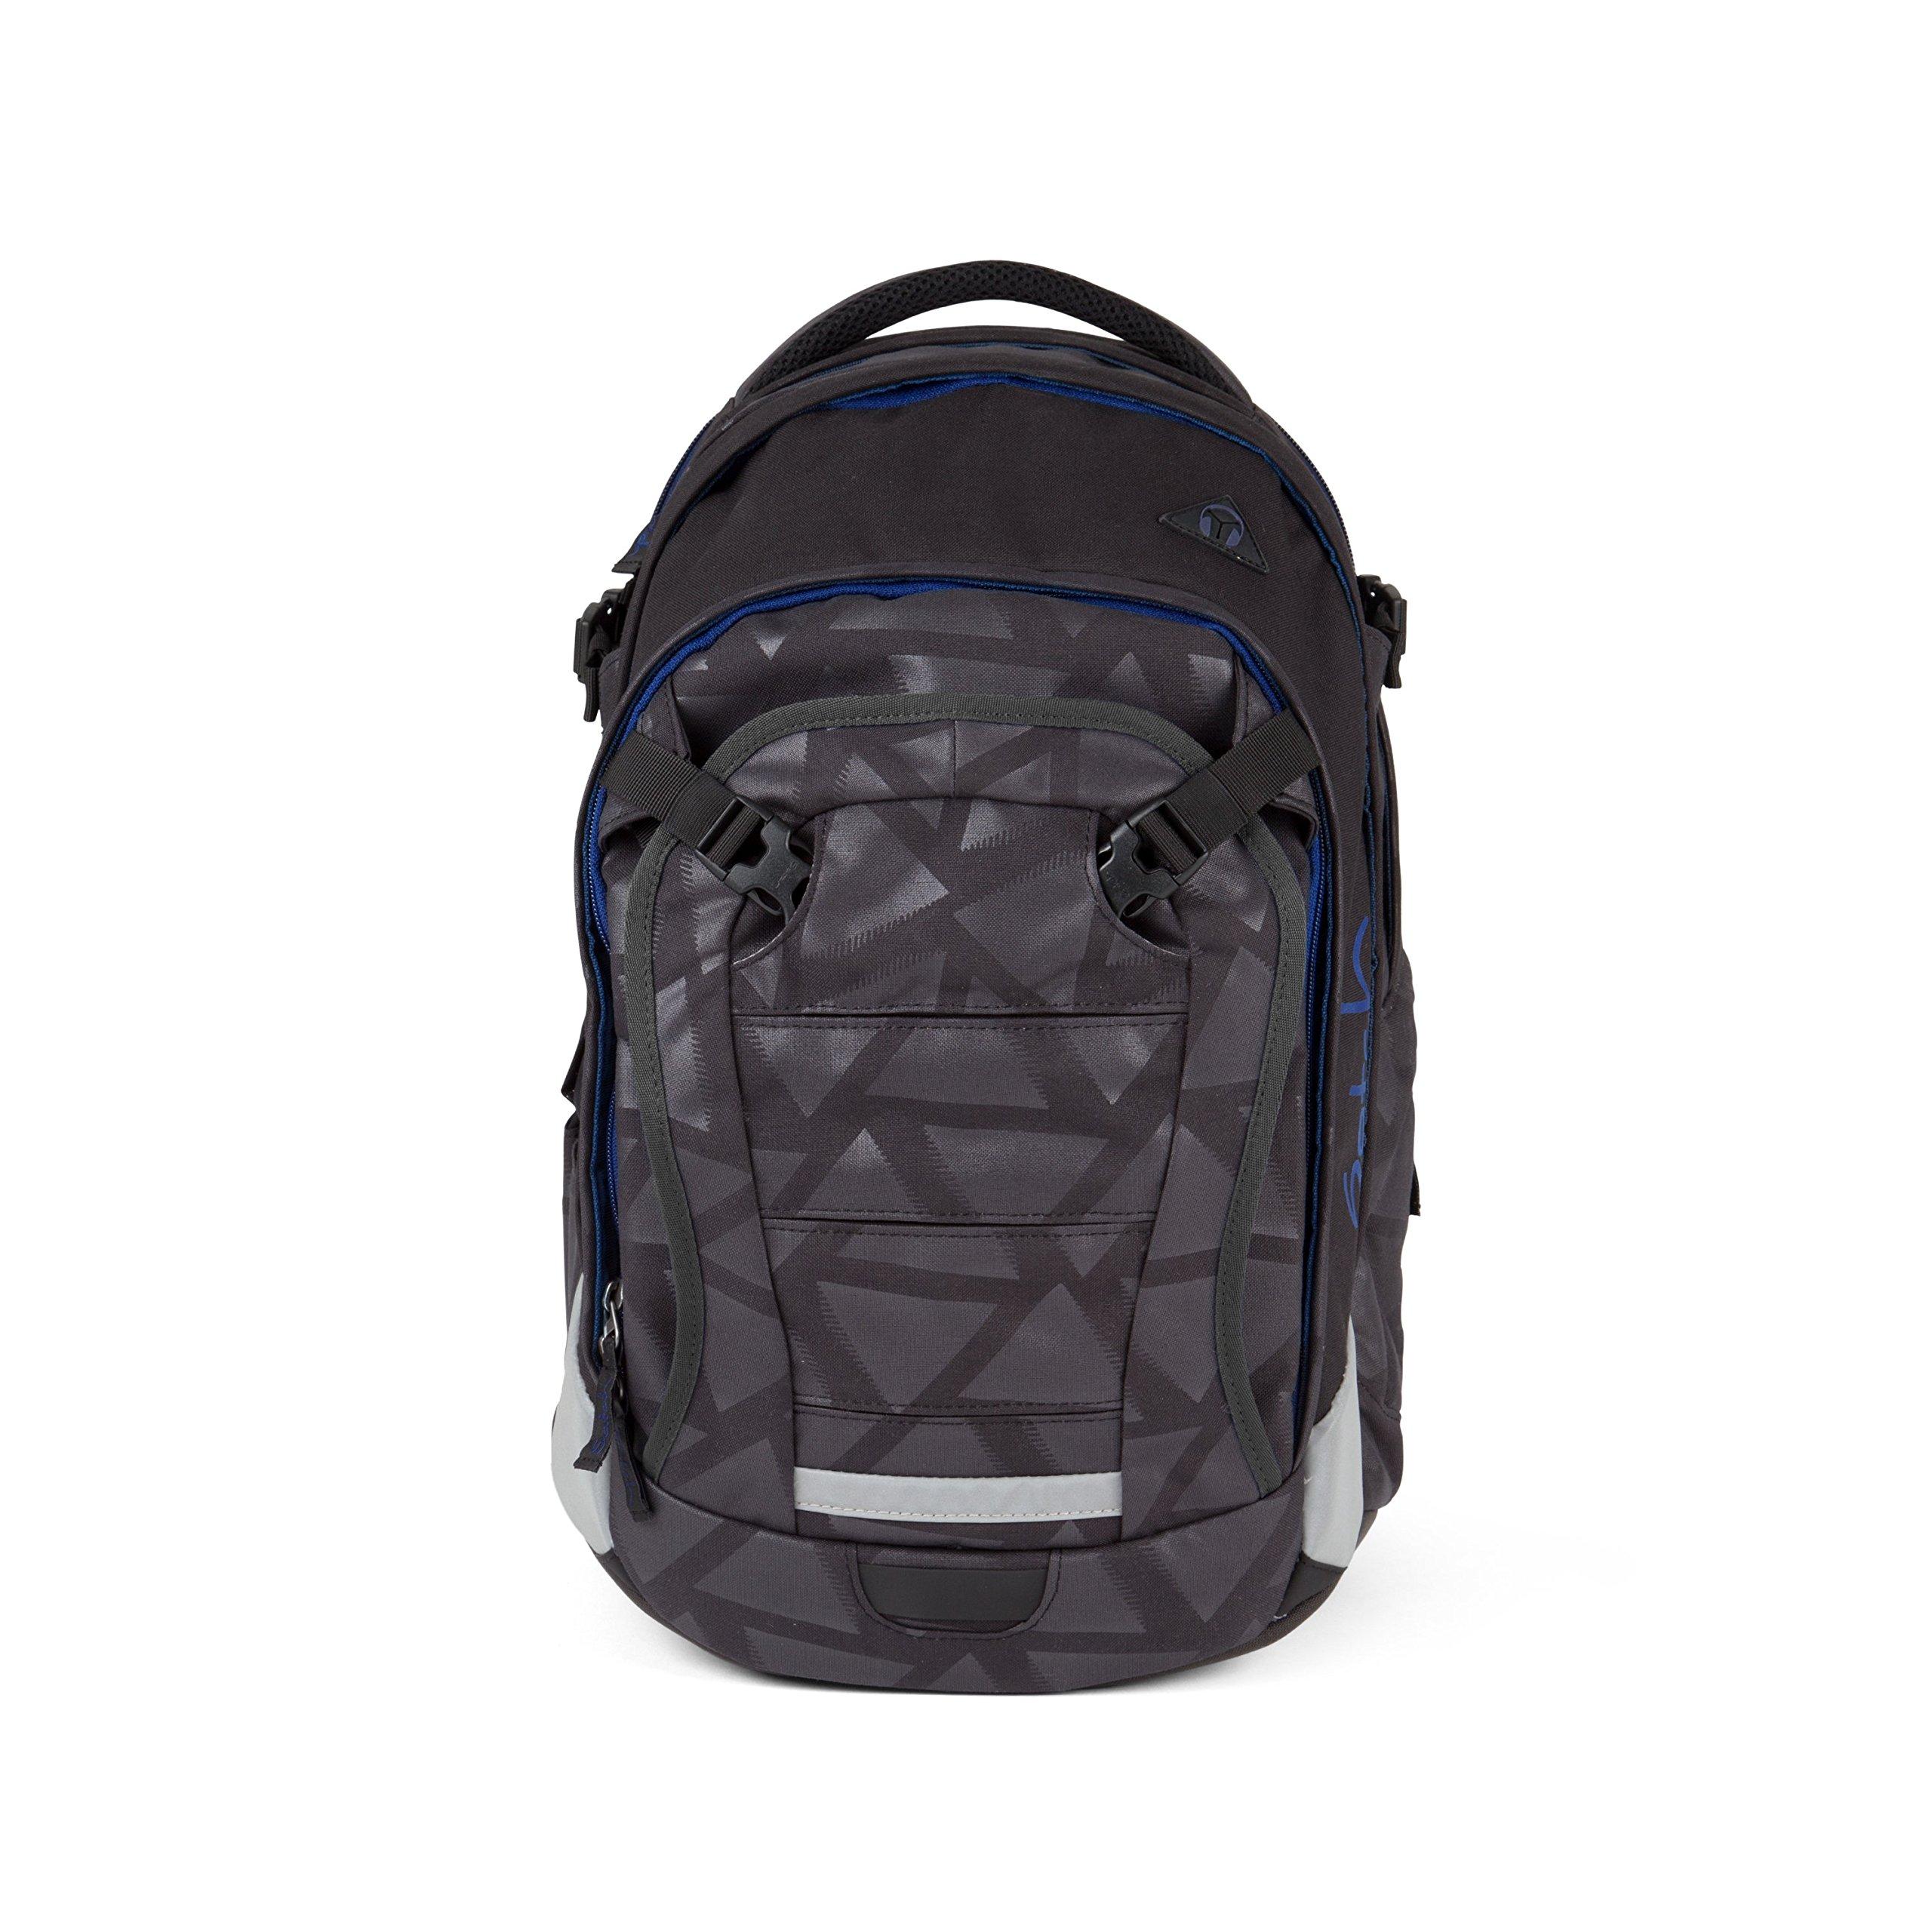 Satch match School Backpack | Black Triad by Satch